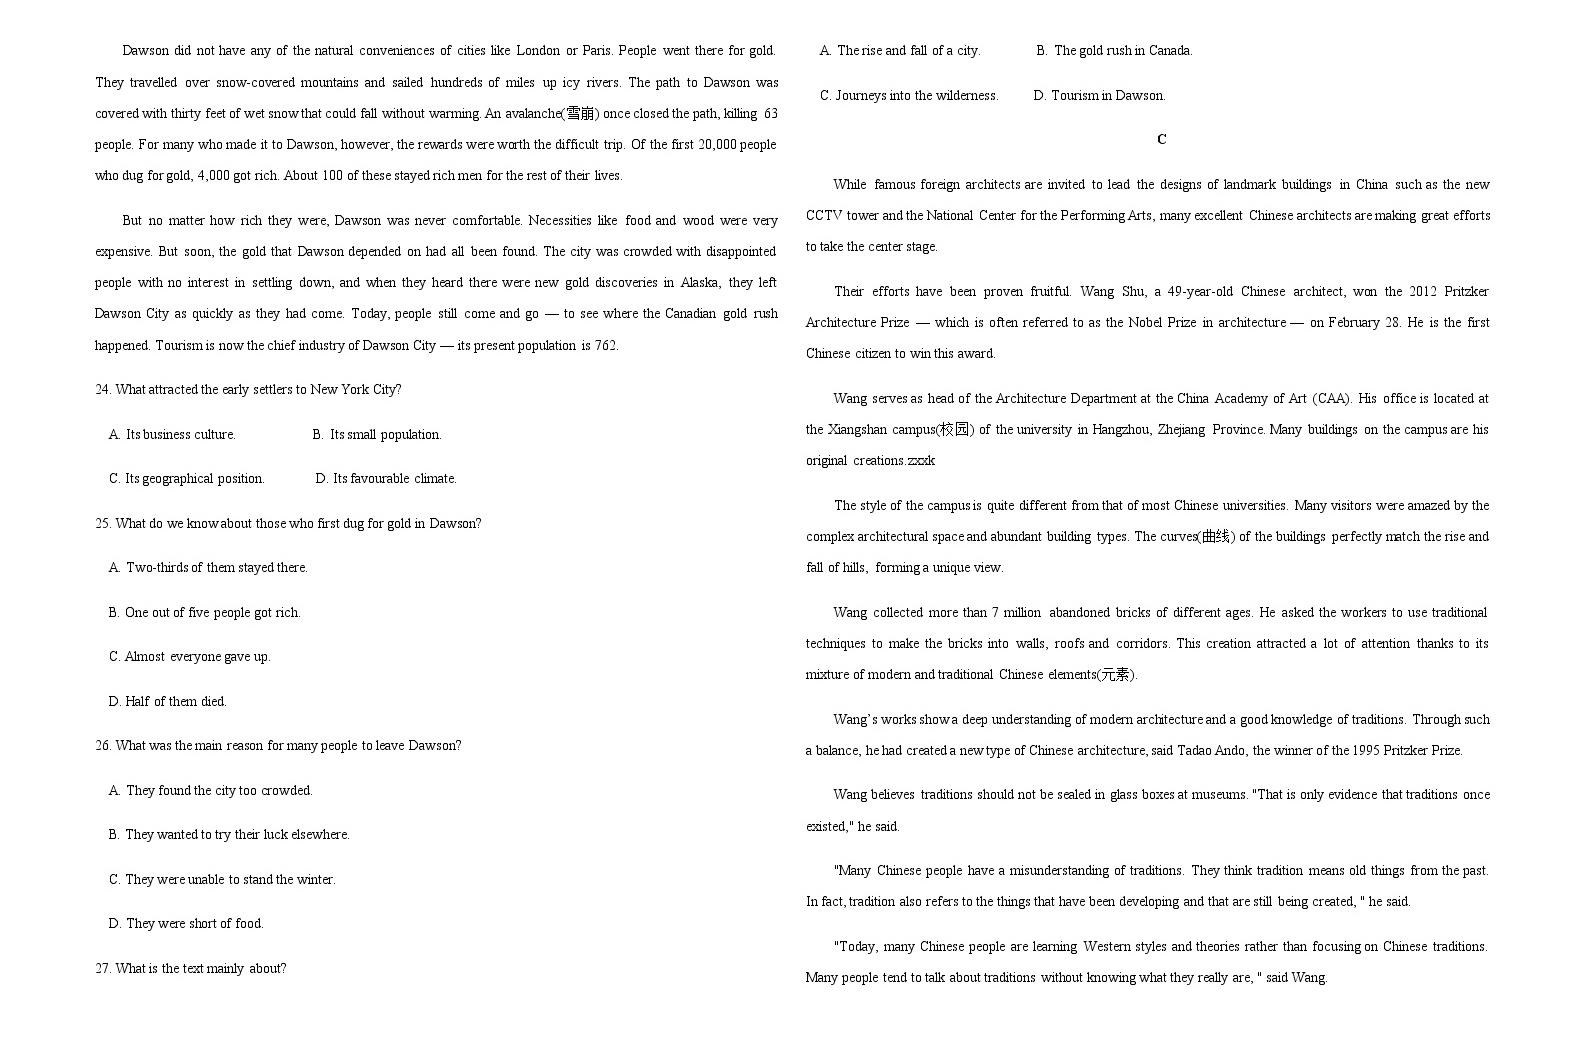 (精校版)2018年全國卷Ⅲ英語高考真題文檔版(含答案)02